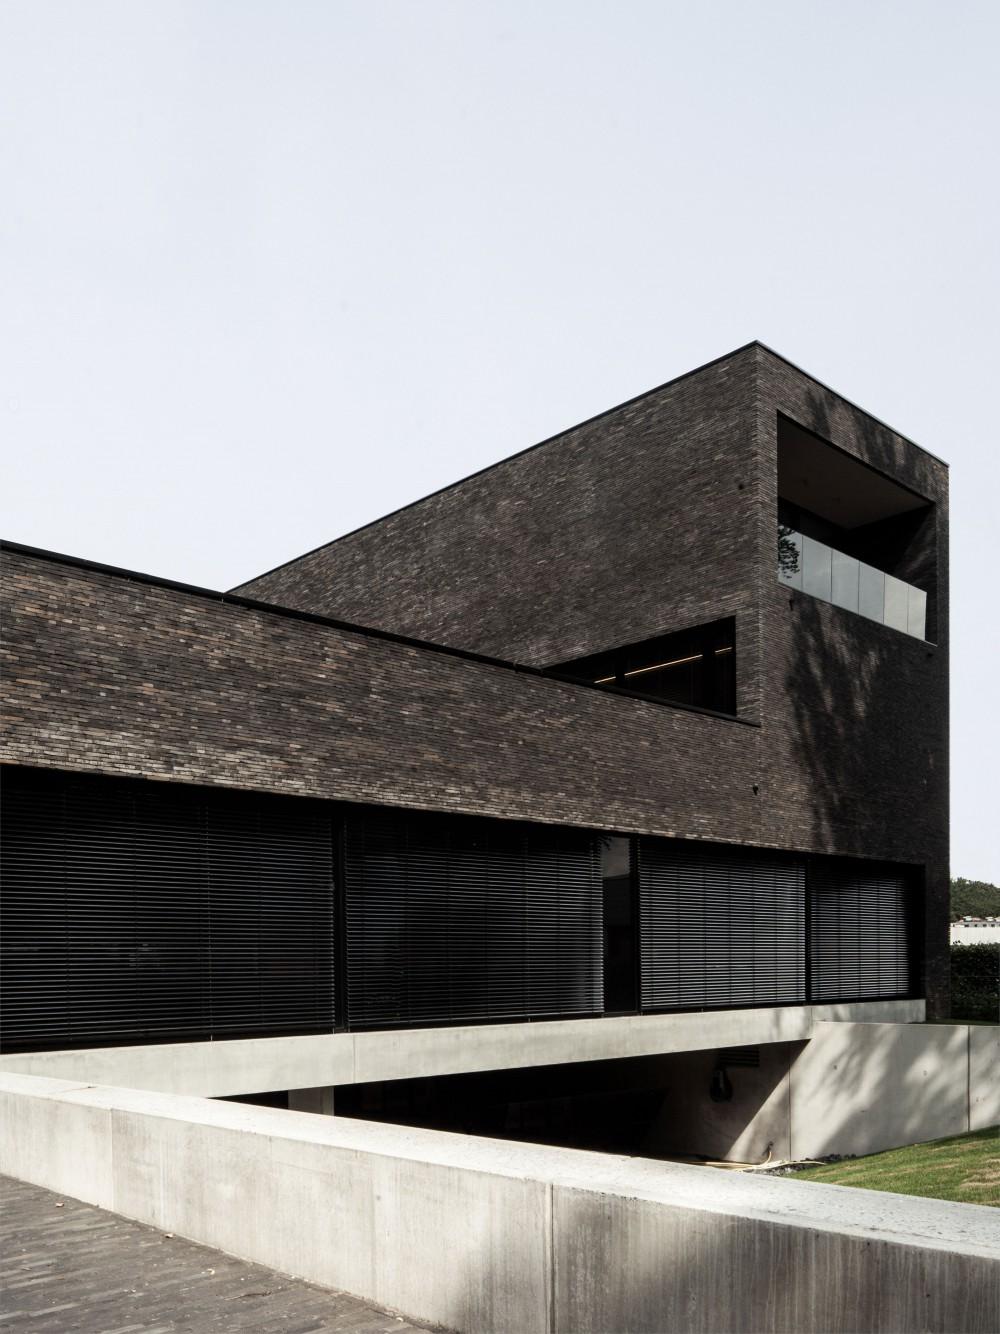 Abscis Architecten - tuinzijde/zuidzijde - foto Jeroen Verrecht